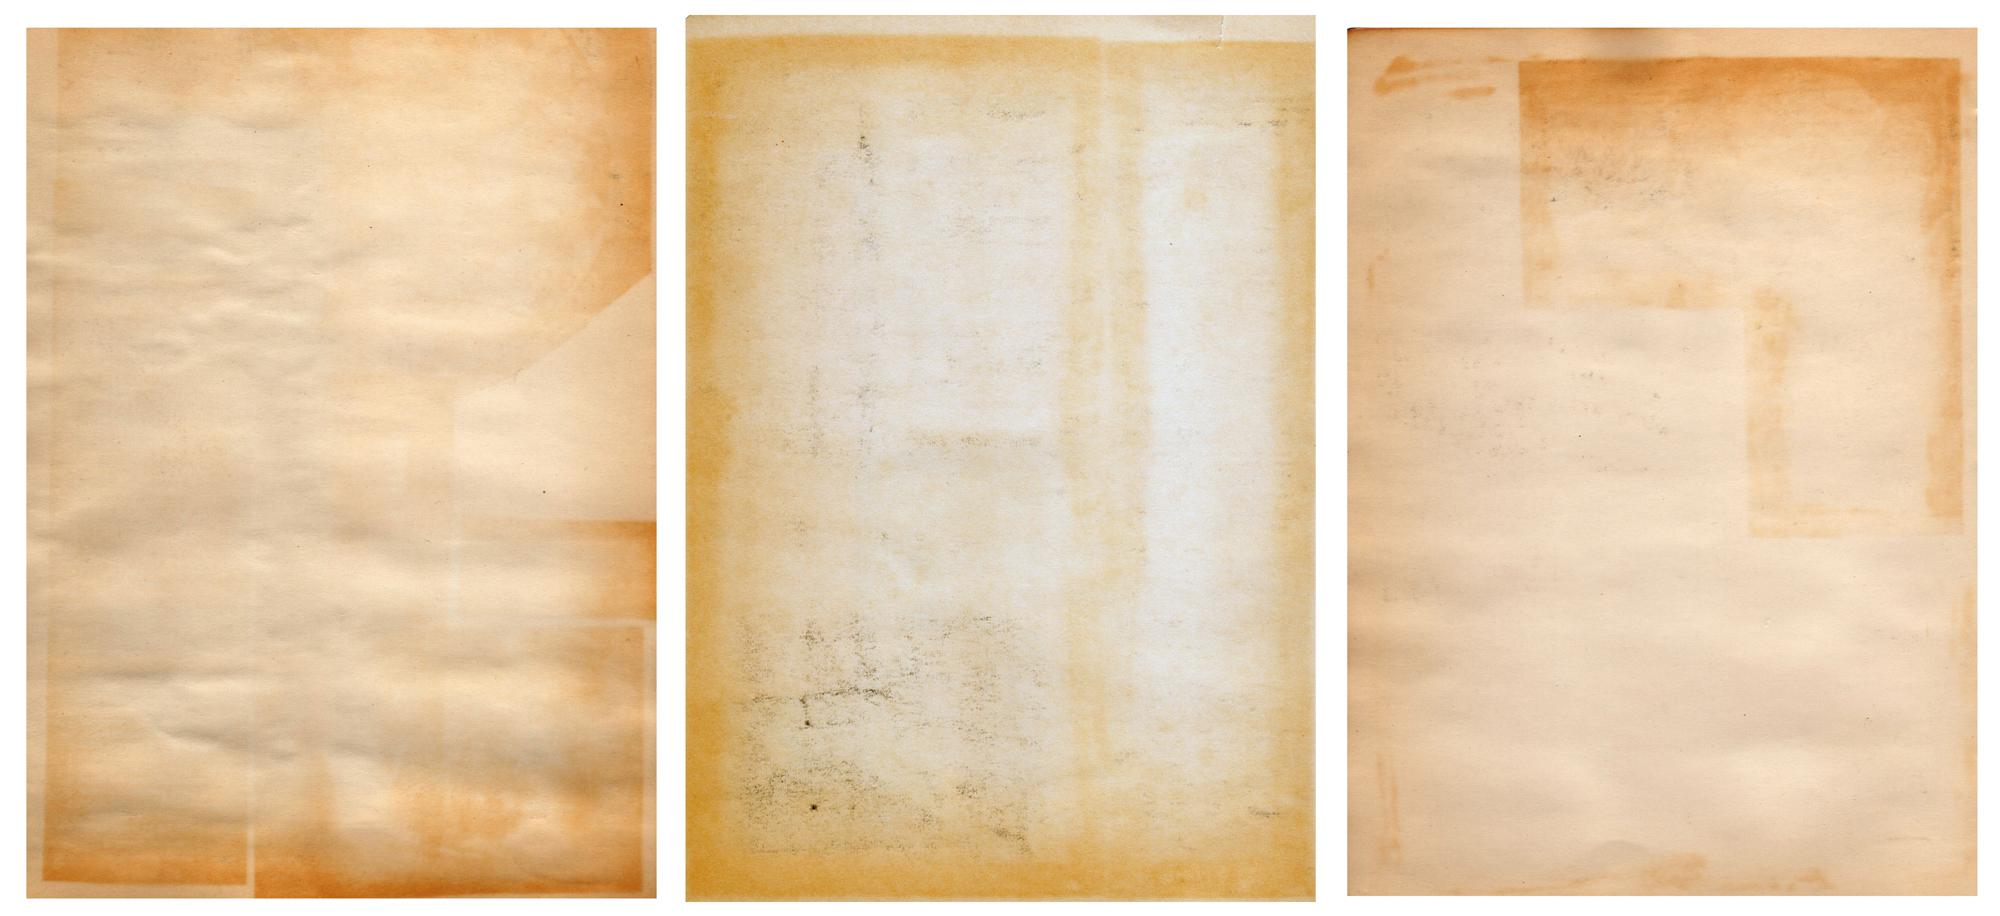 Scrapbook paper booklet - Vintage 50 Year Old Scrapbook Paper Textures